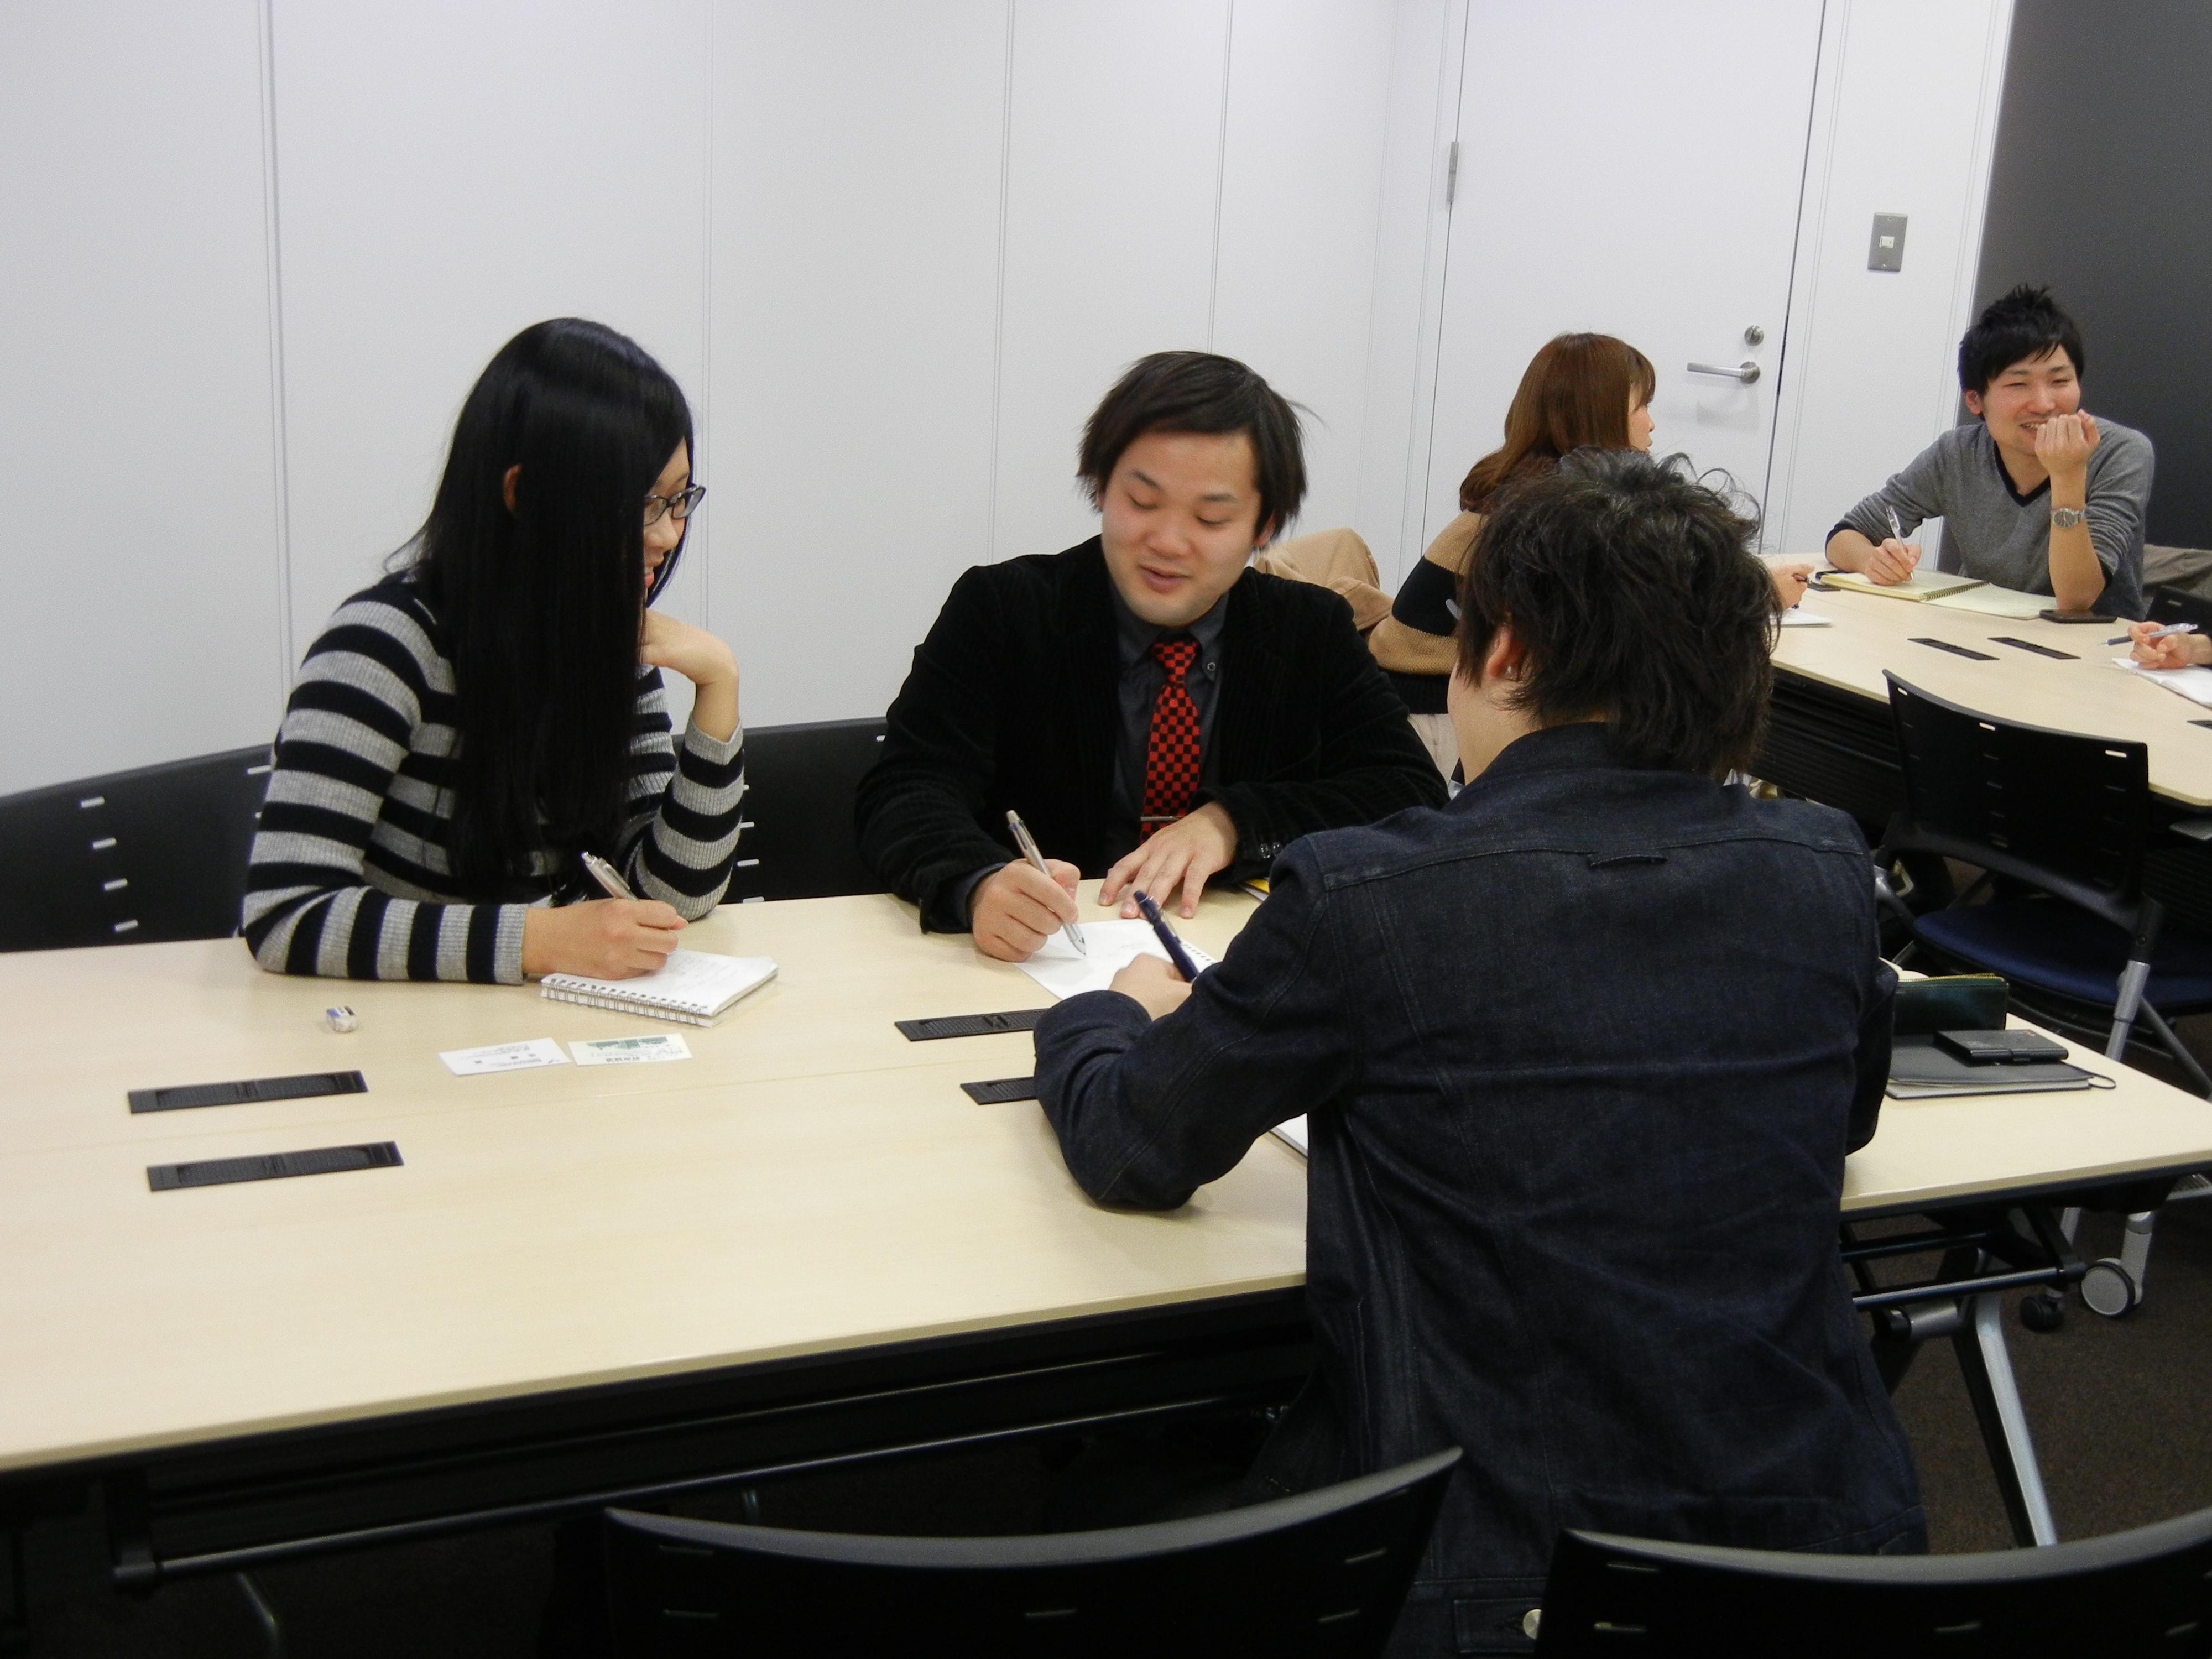 【第1回社会開発塾】 ビジネスと社会貢献という仕事